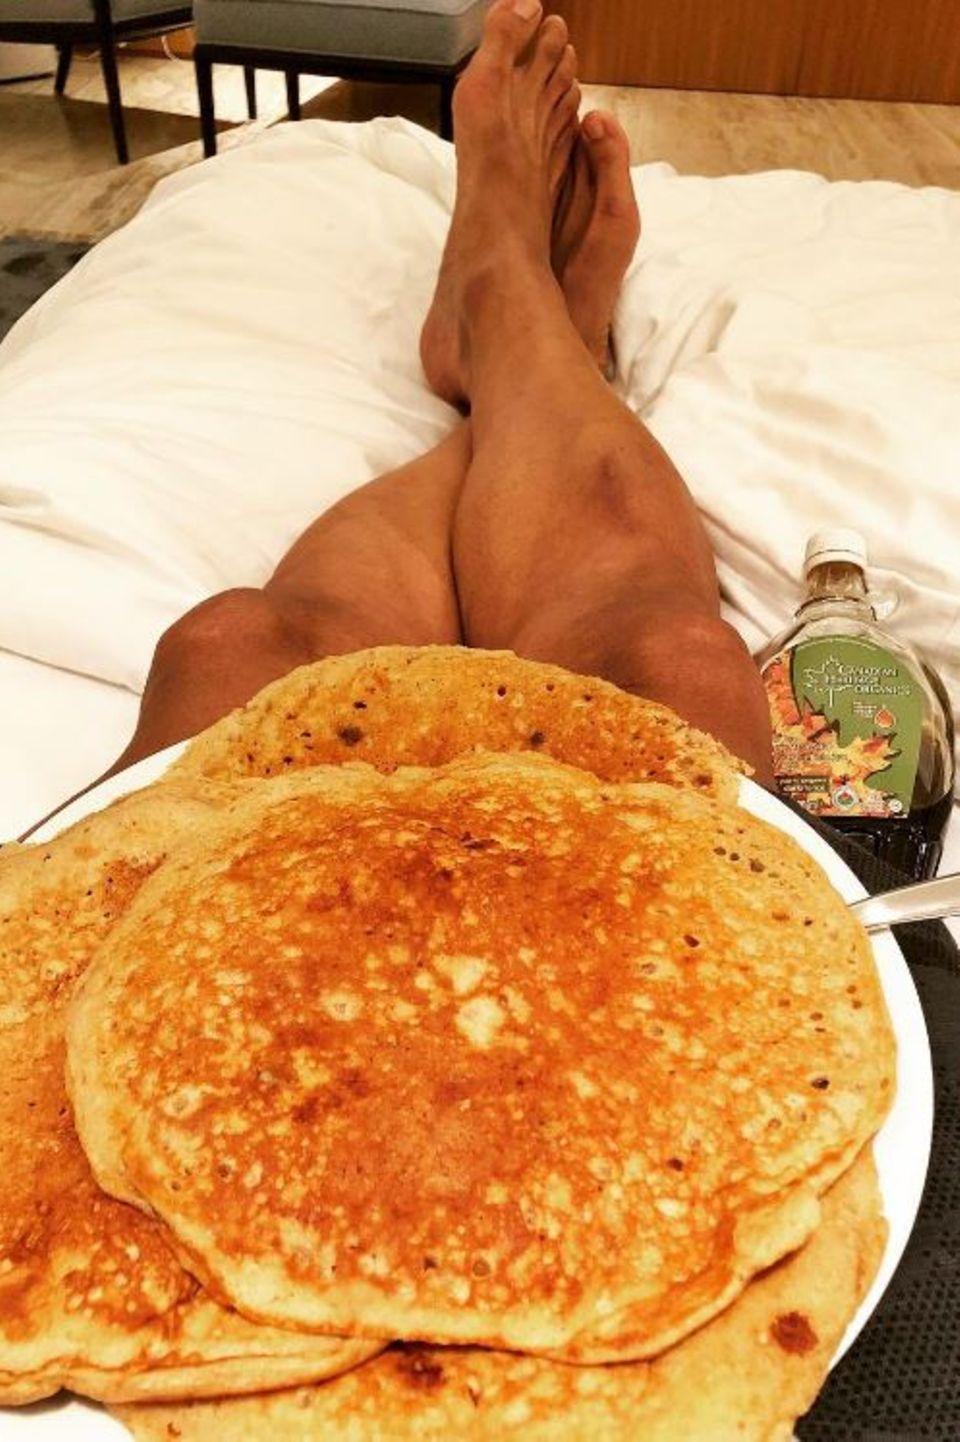 Wer so viel trainiert, darf auch mal sündigen: Dwayne Johnson gönnt sich Pancakes mit Ahornsirup.